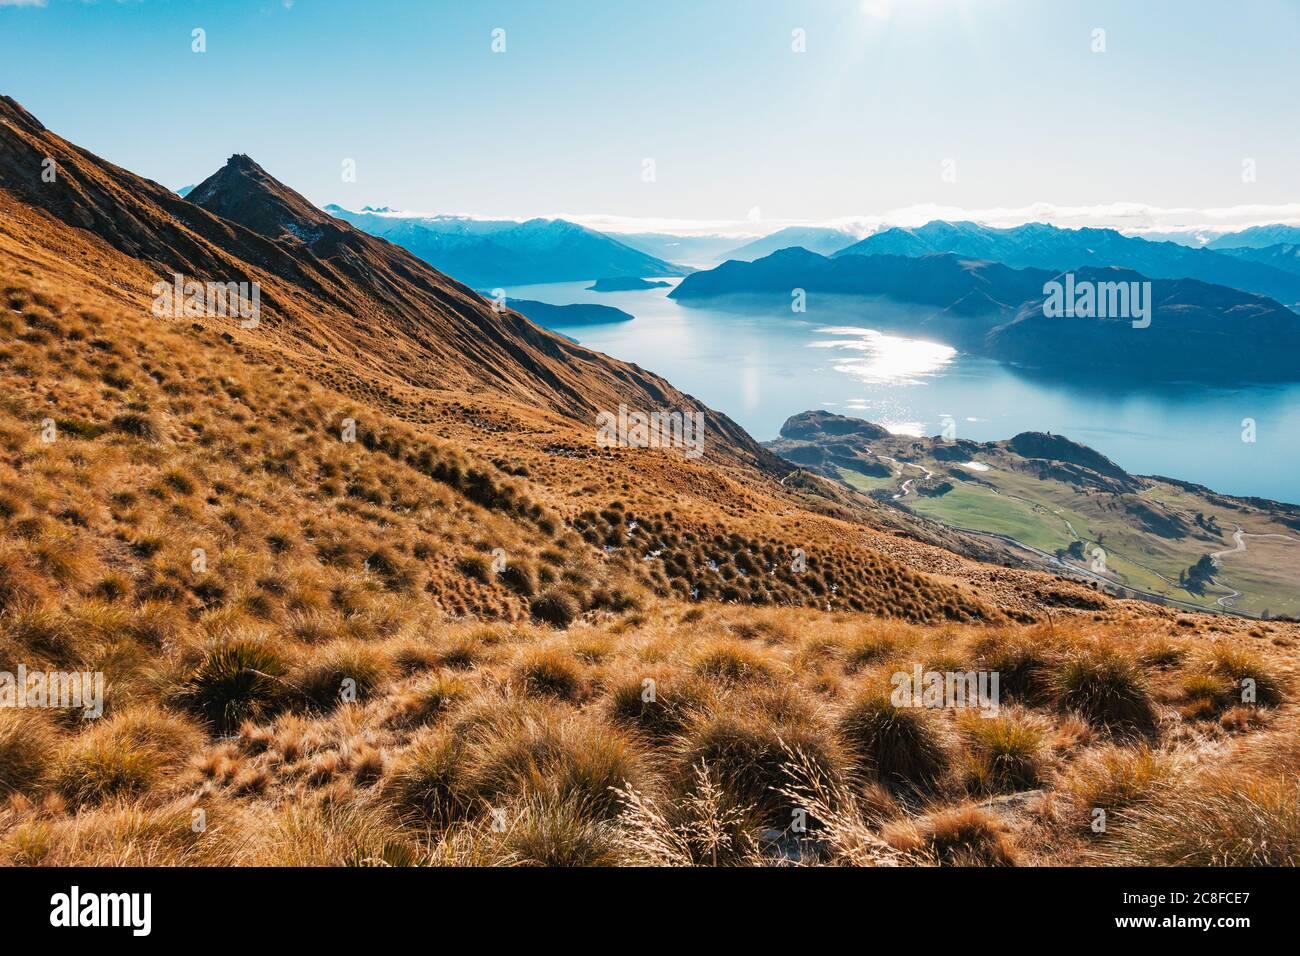 Un lago azul todavía, Wanaka en una mañana de invierno en la Isla del Sur de Nueva Zelanda Foto de stock